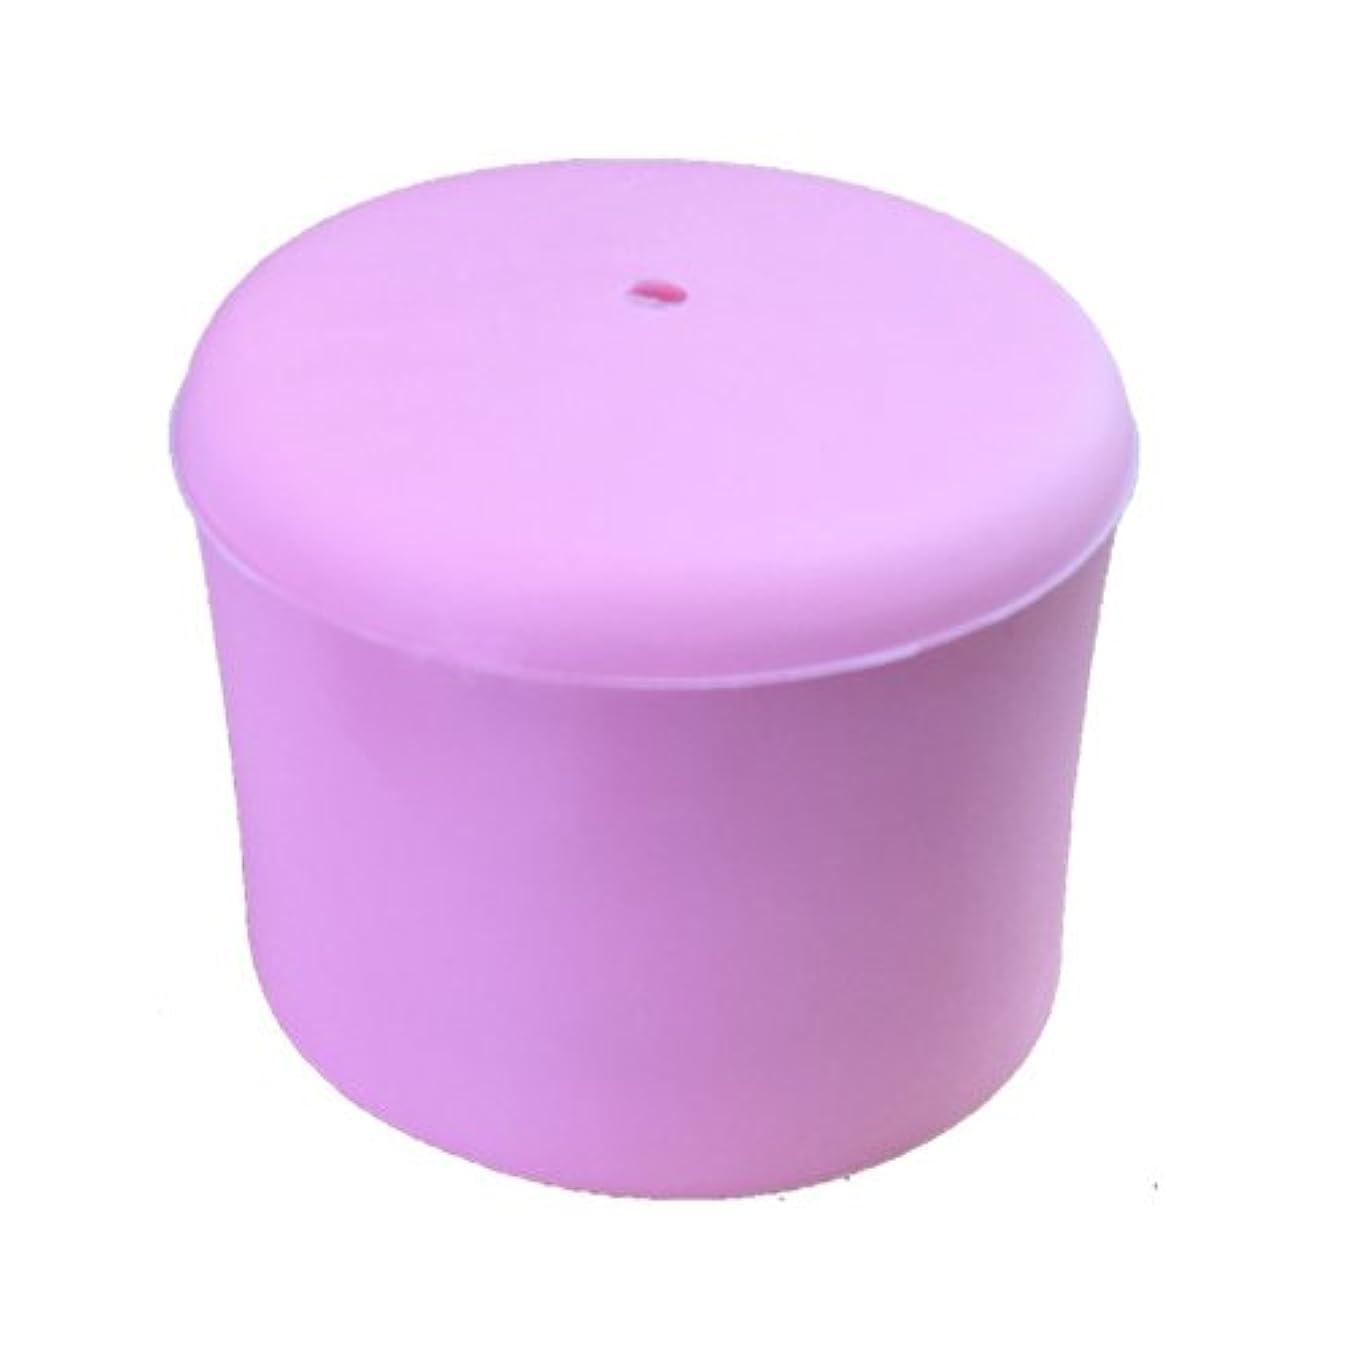 古風なカップくそーNEWフェイシャルリフトアトワンス(ピンク)マウスカバー3個組